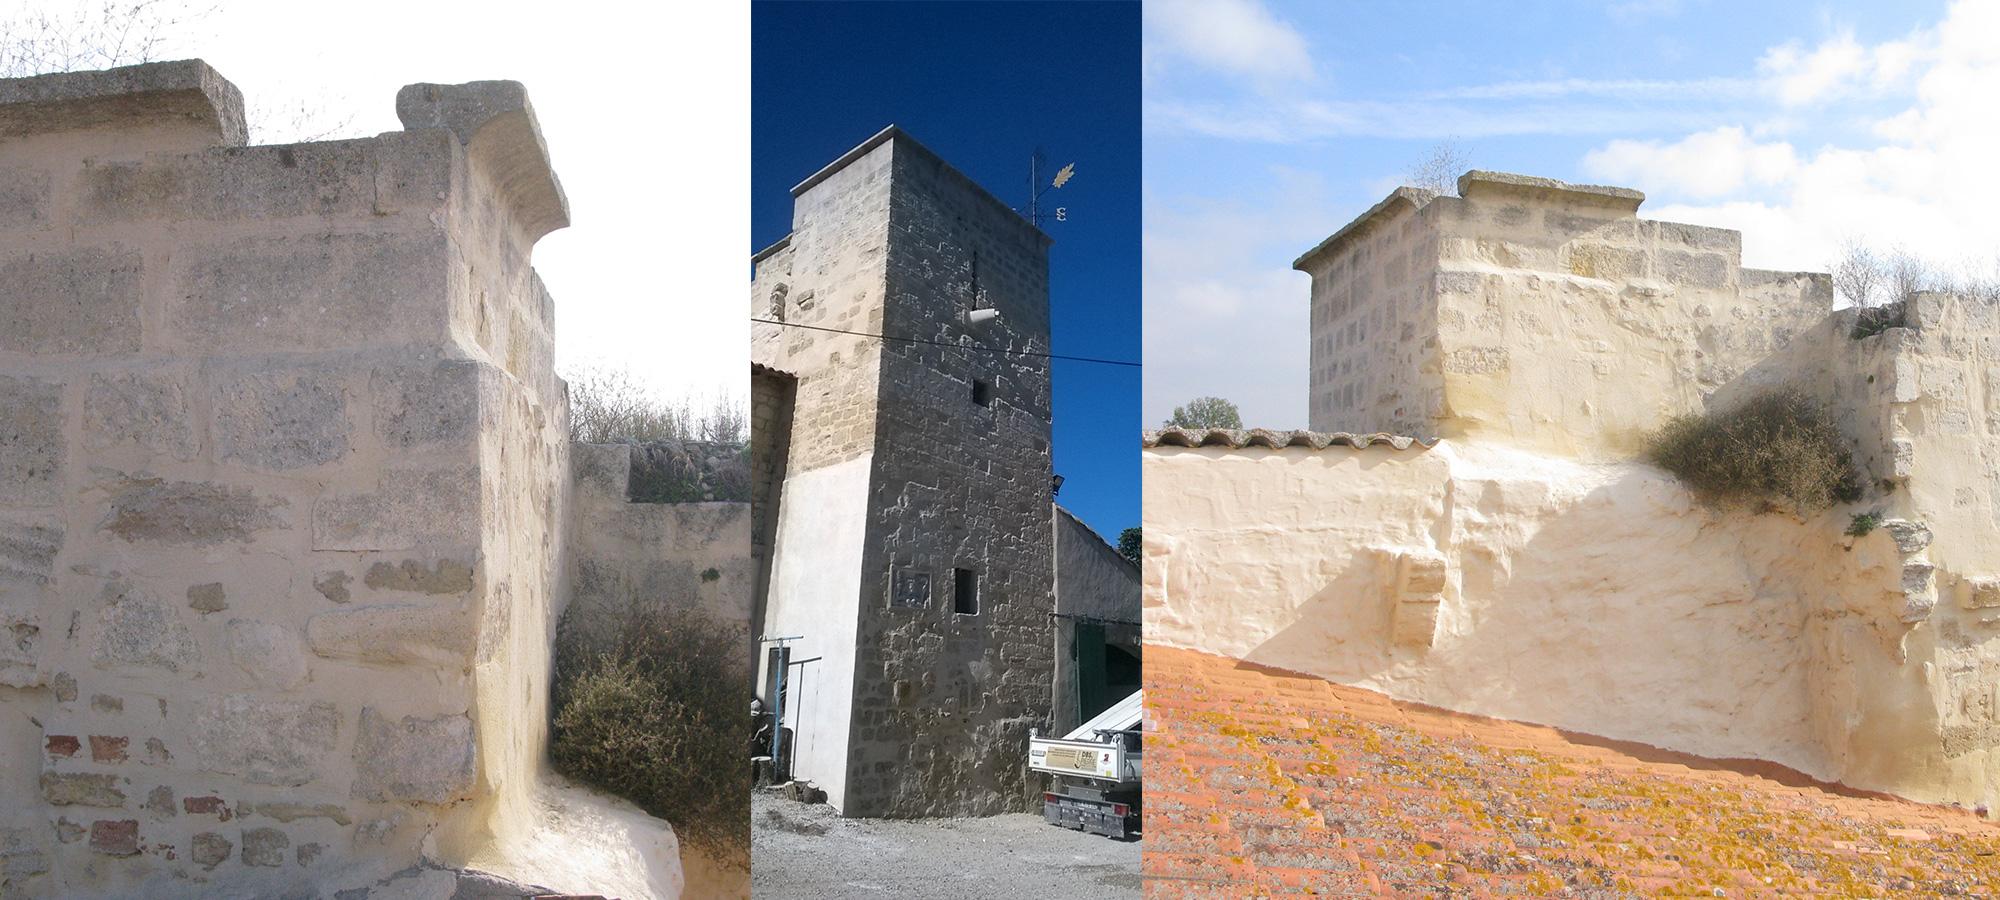 Restauration et création d'une tour médiévale